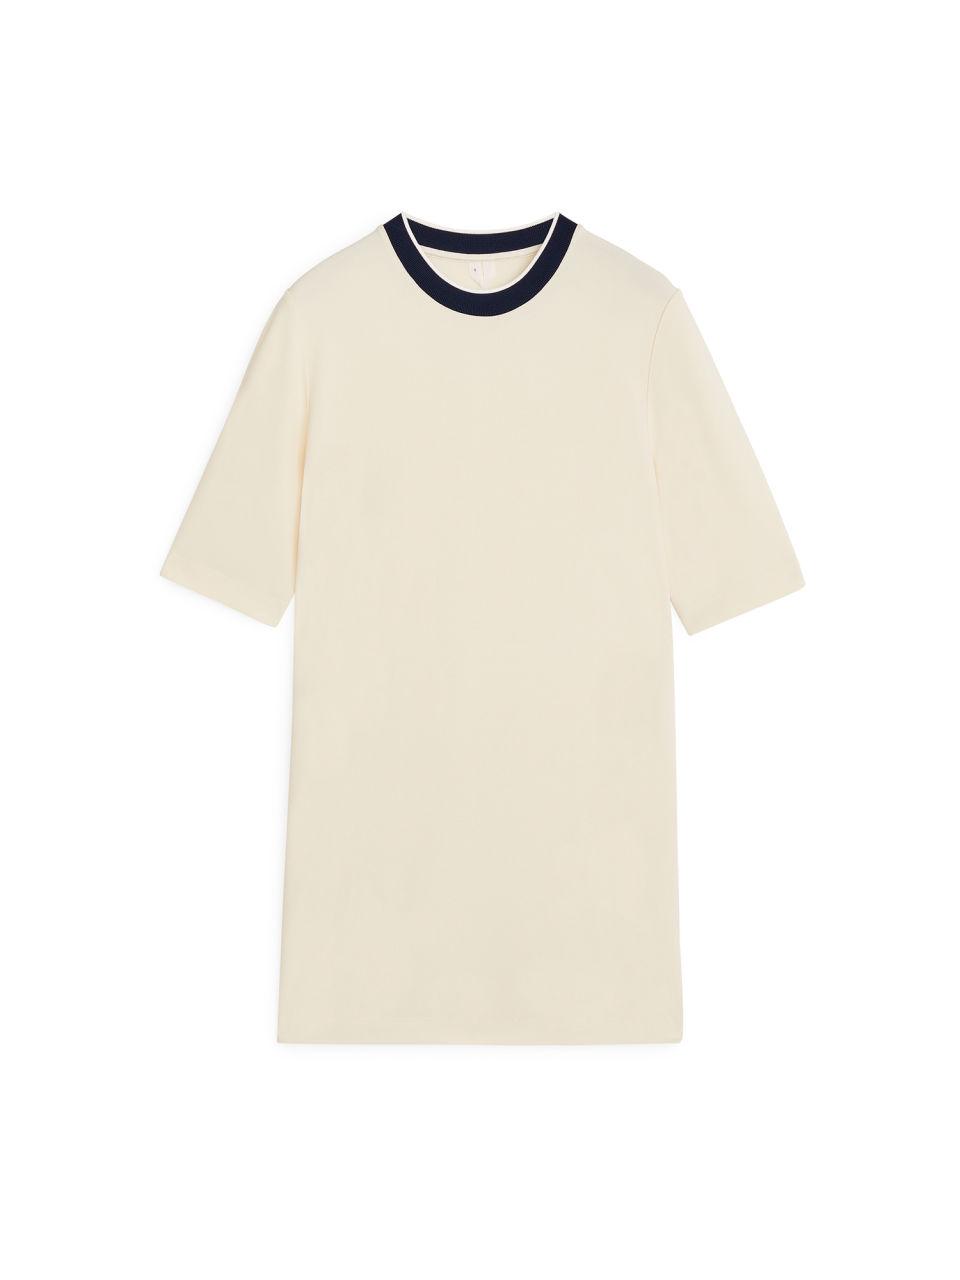 Viscose T-shirt - Beige